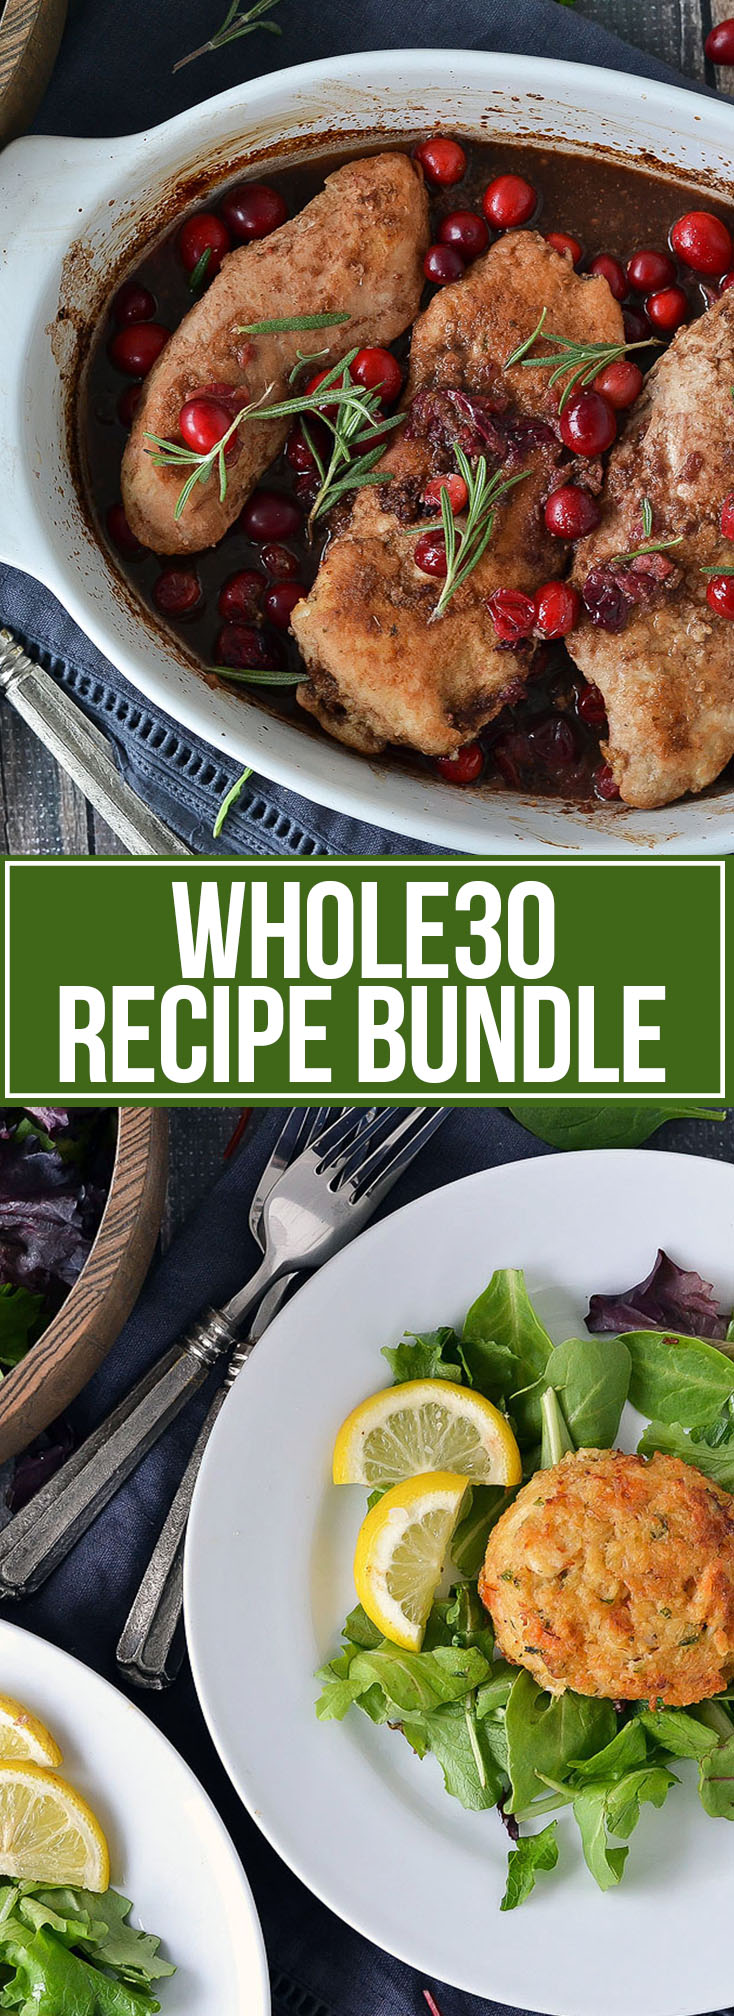 whole30 recipe bundle